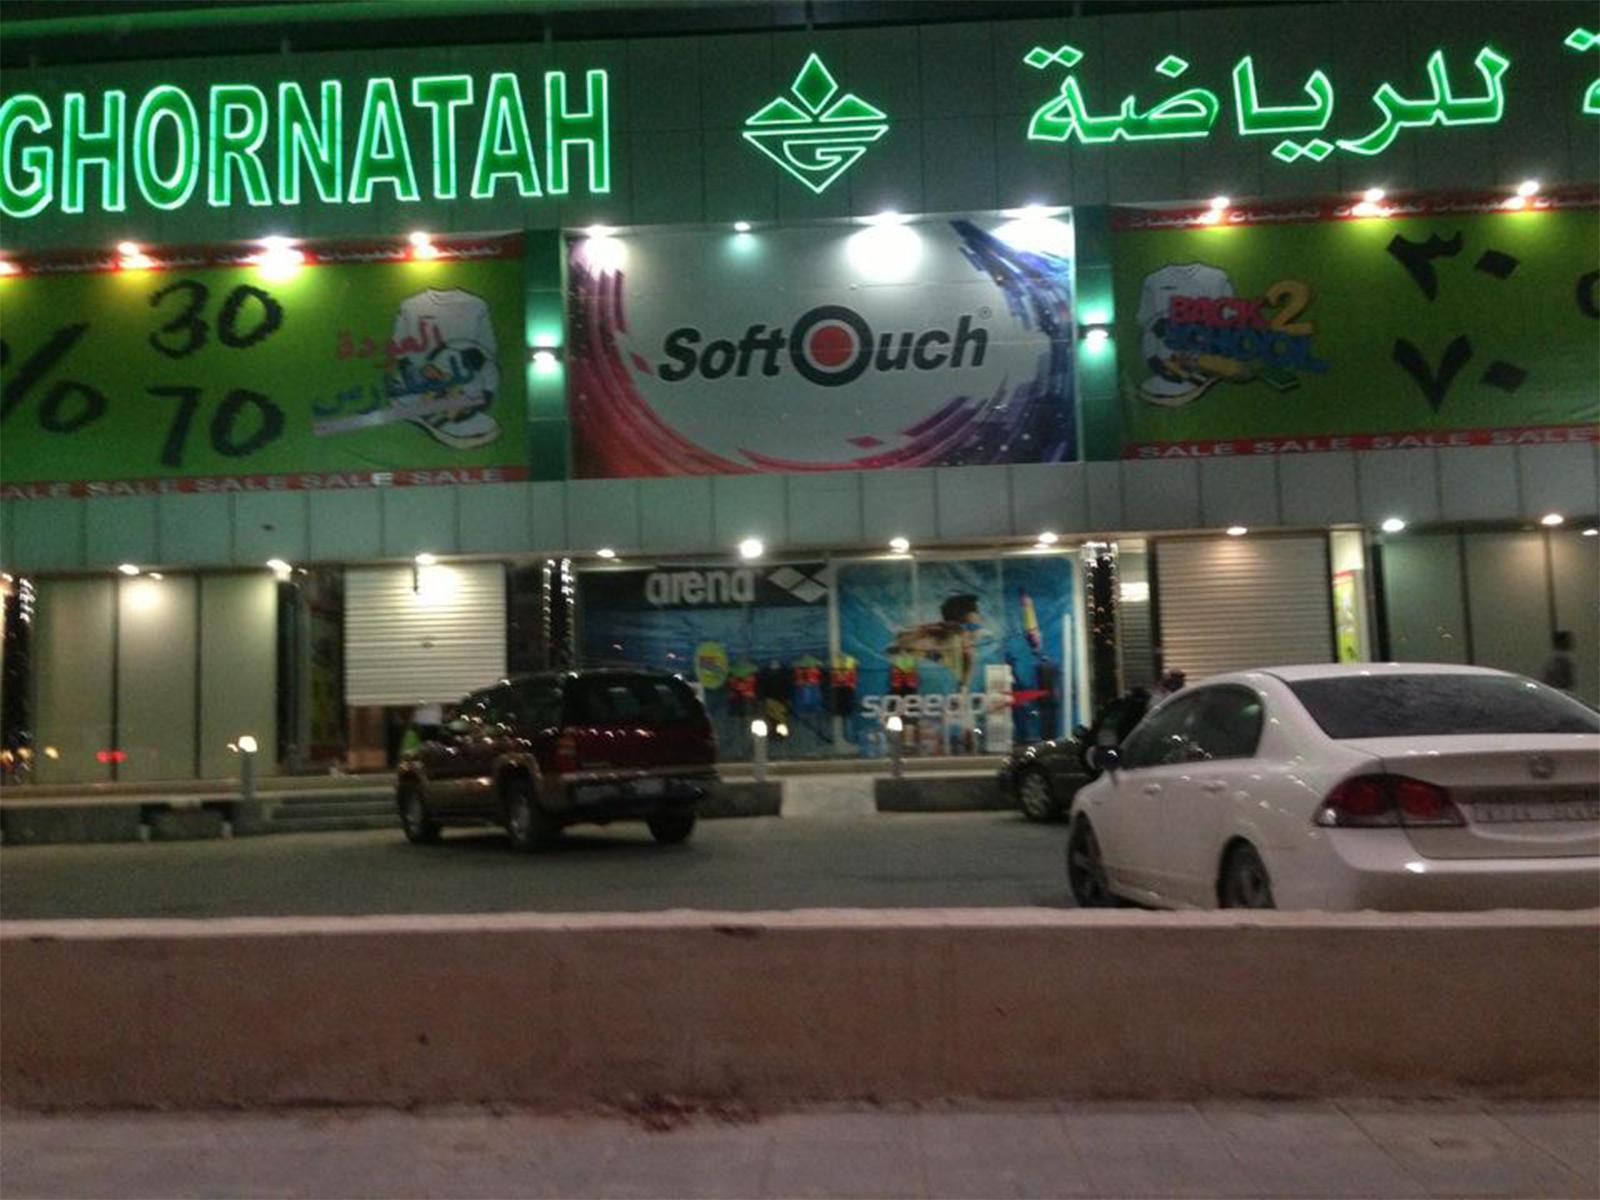 e01ea1fdd تأسست في عام 1976 شركة رائدة في مجال الملابس الرياضية في المملكة العربية  السعودية، من أفضل أماكن للسلع الرياضية في المملكة بأكملها ، هناك أكثر من 31  فرعا، ...